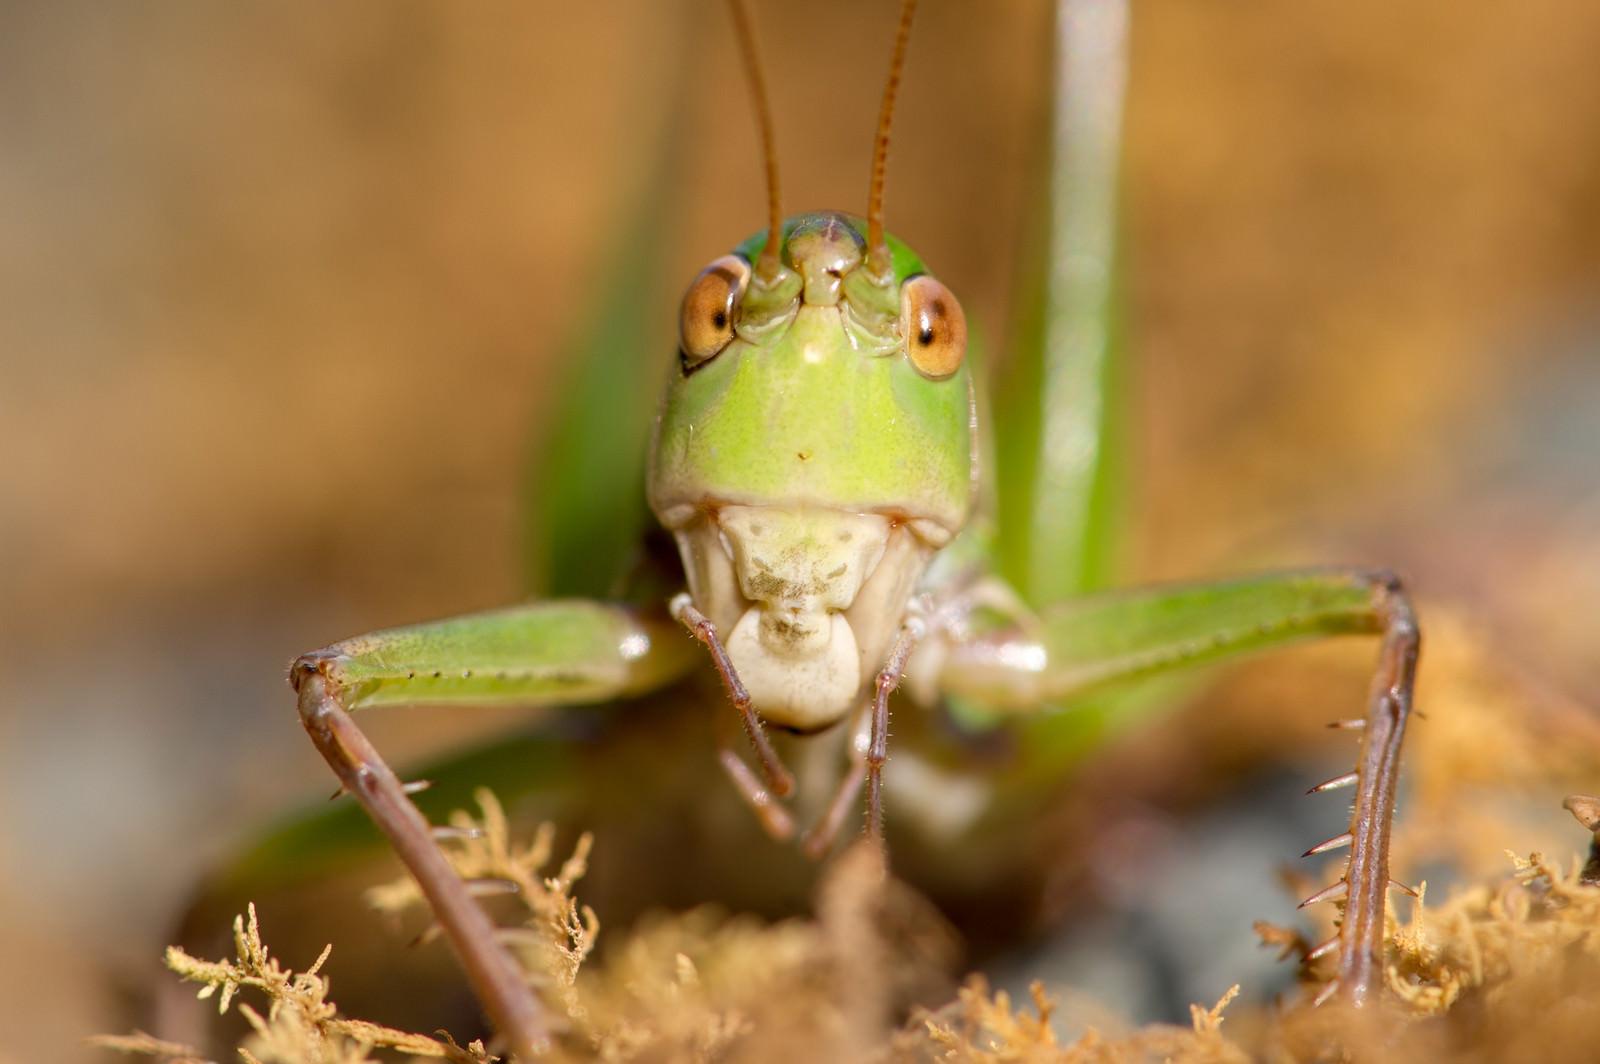 「キリギリスの正面顔」の写真